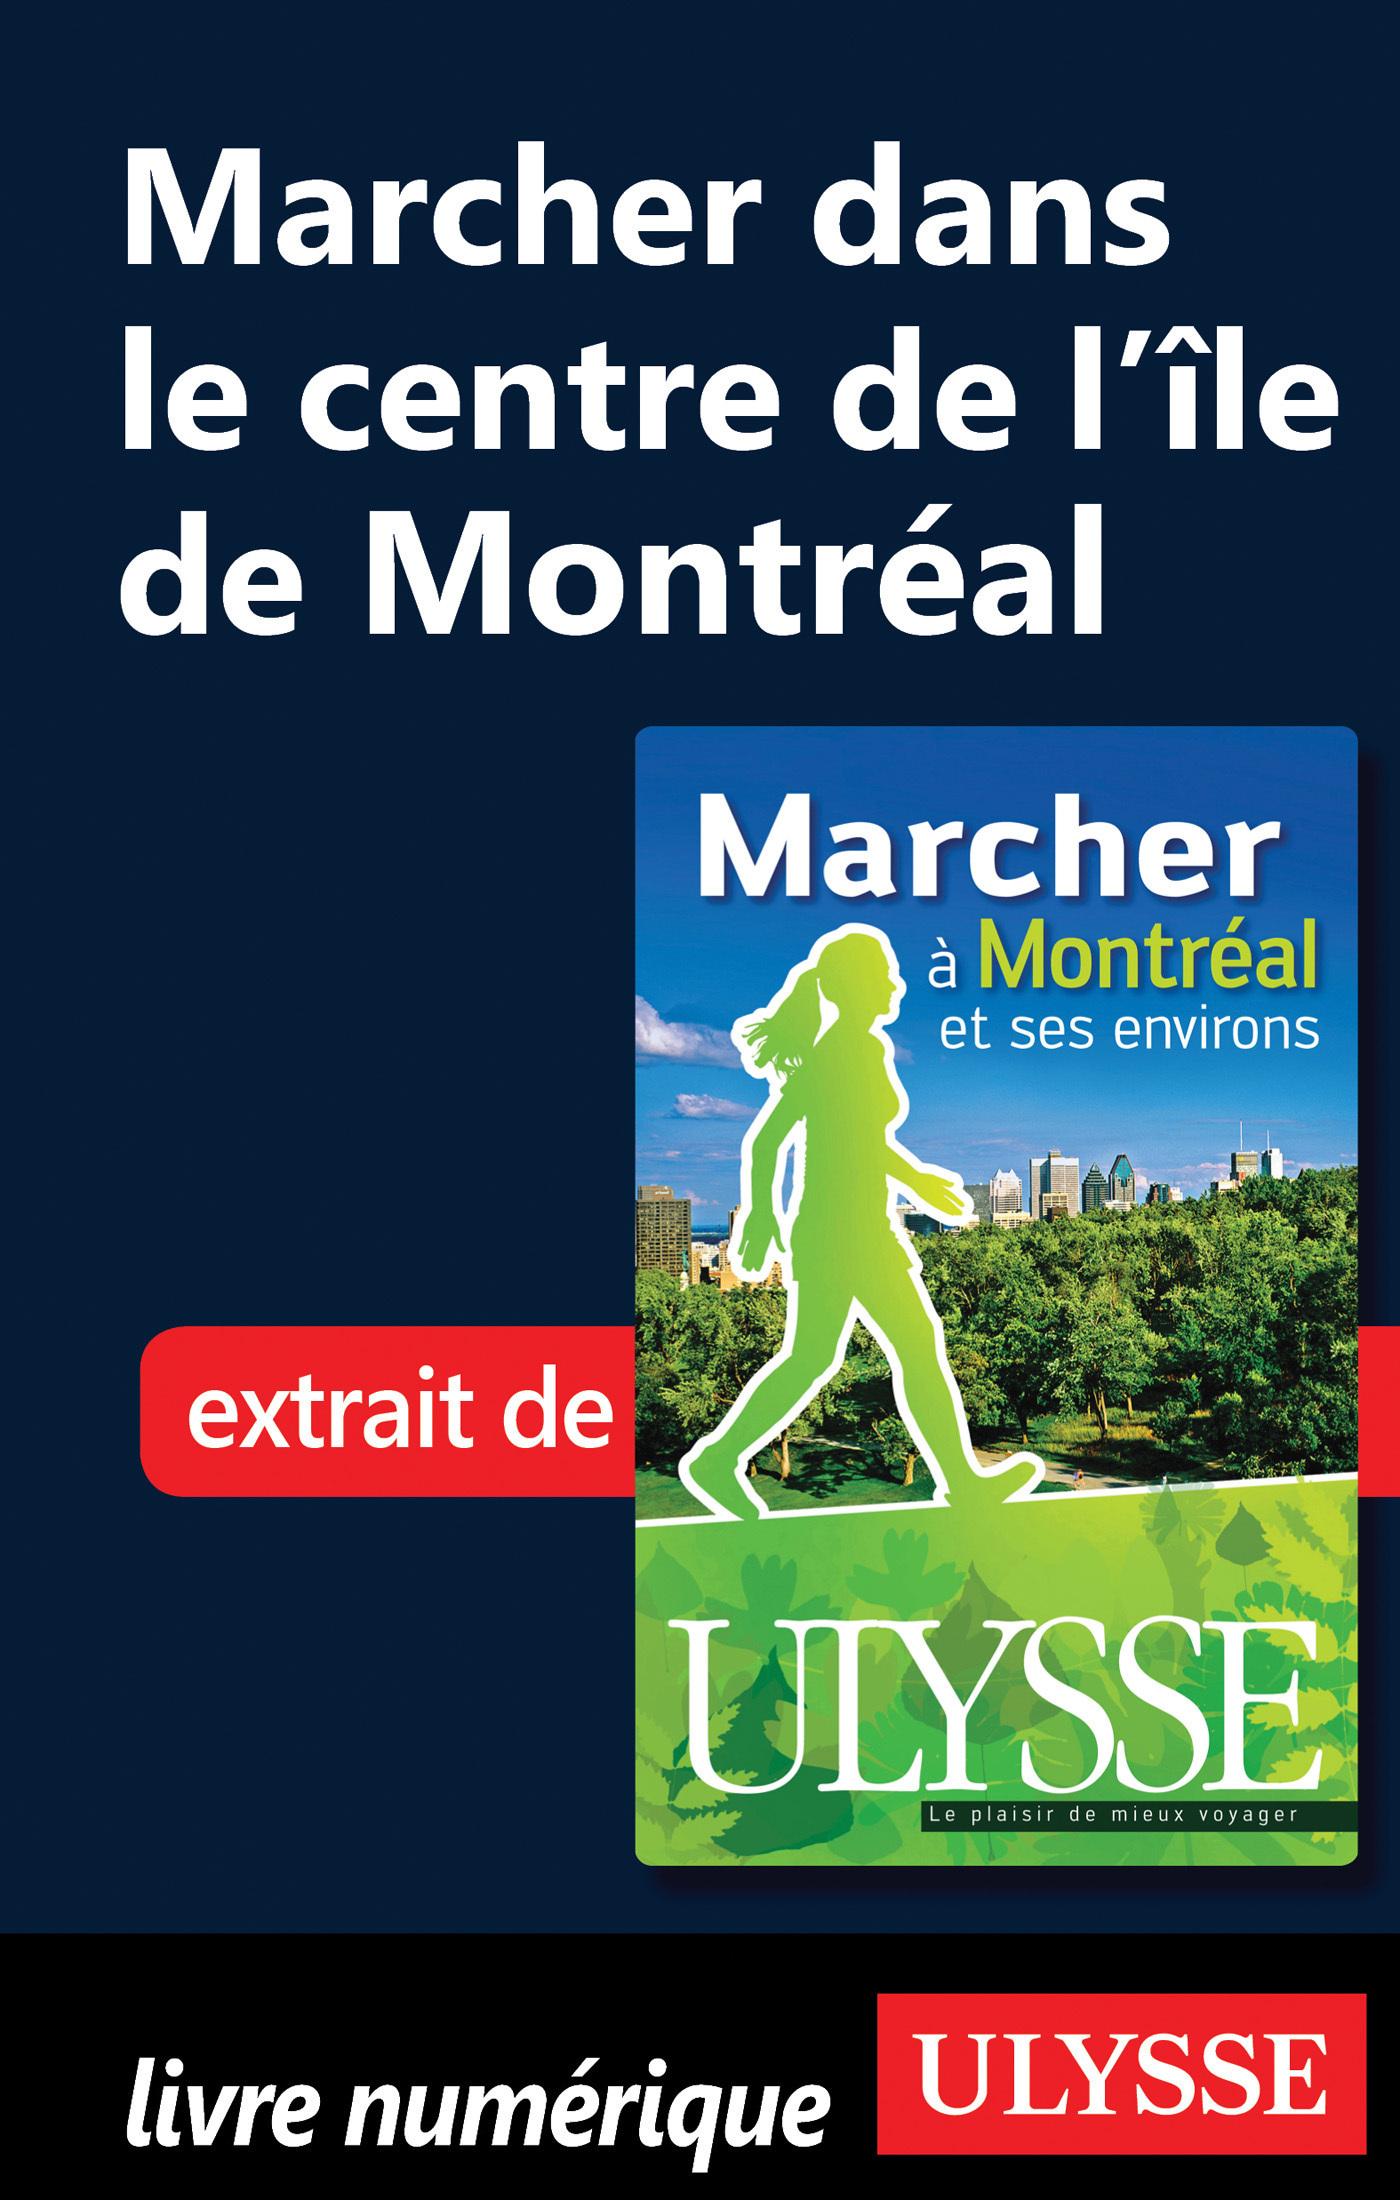 Marcher dans le centre de l Ile de Montréal